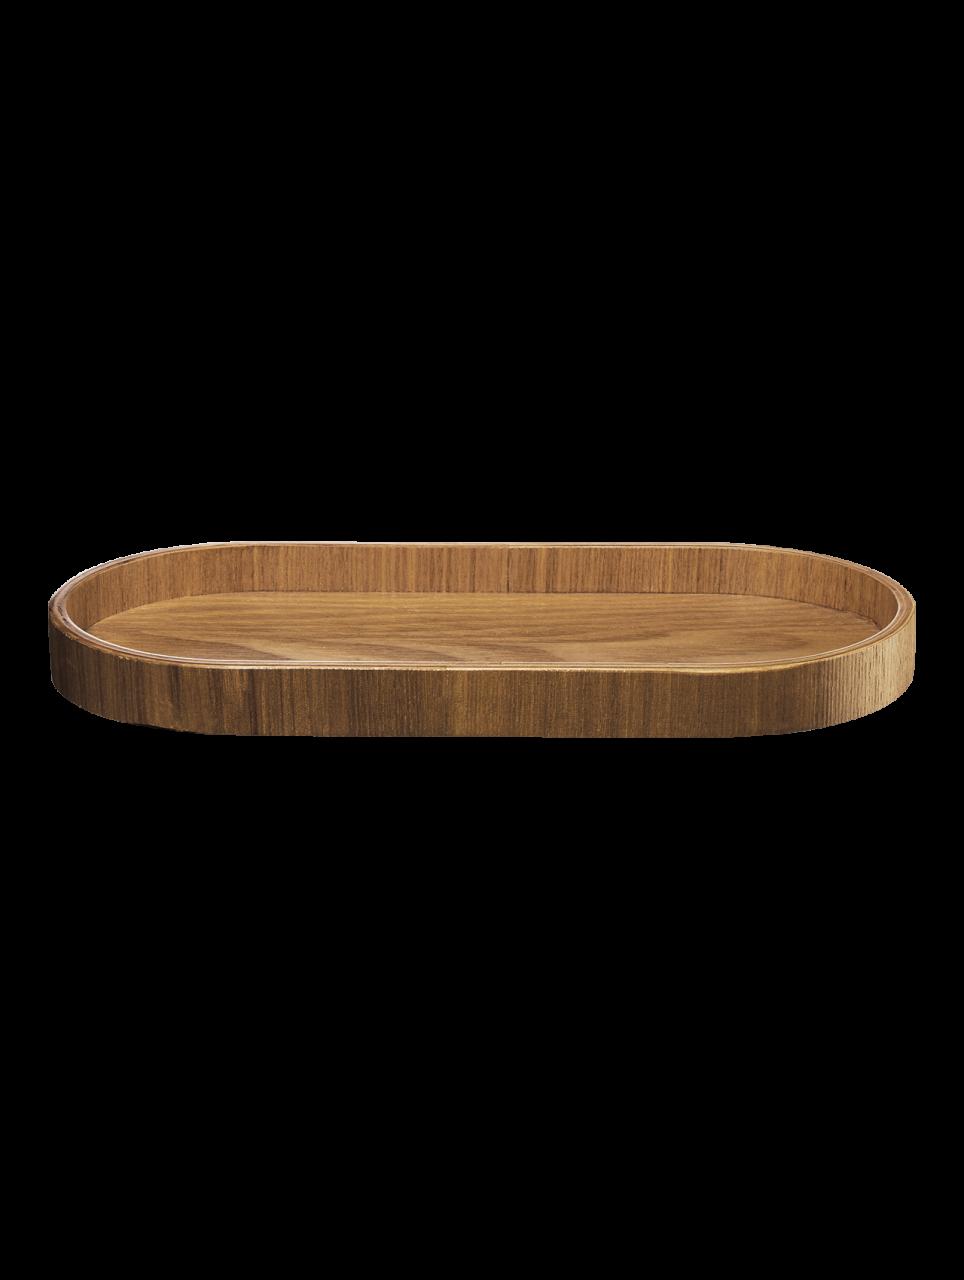 Holztablett, oval